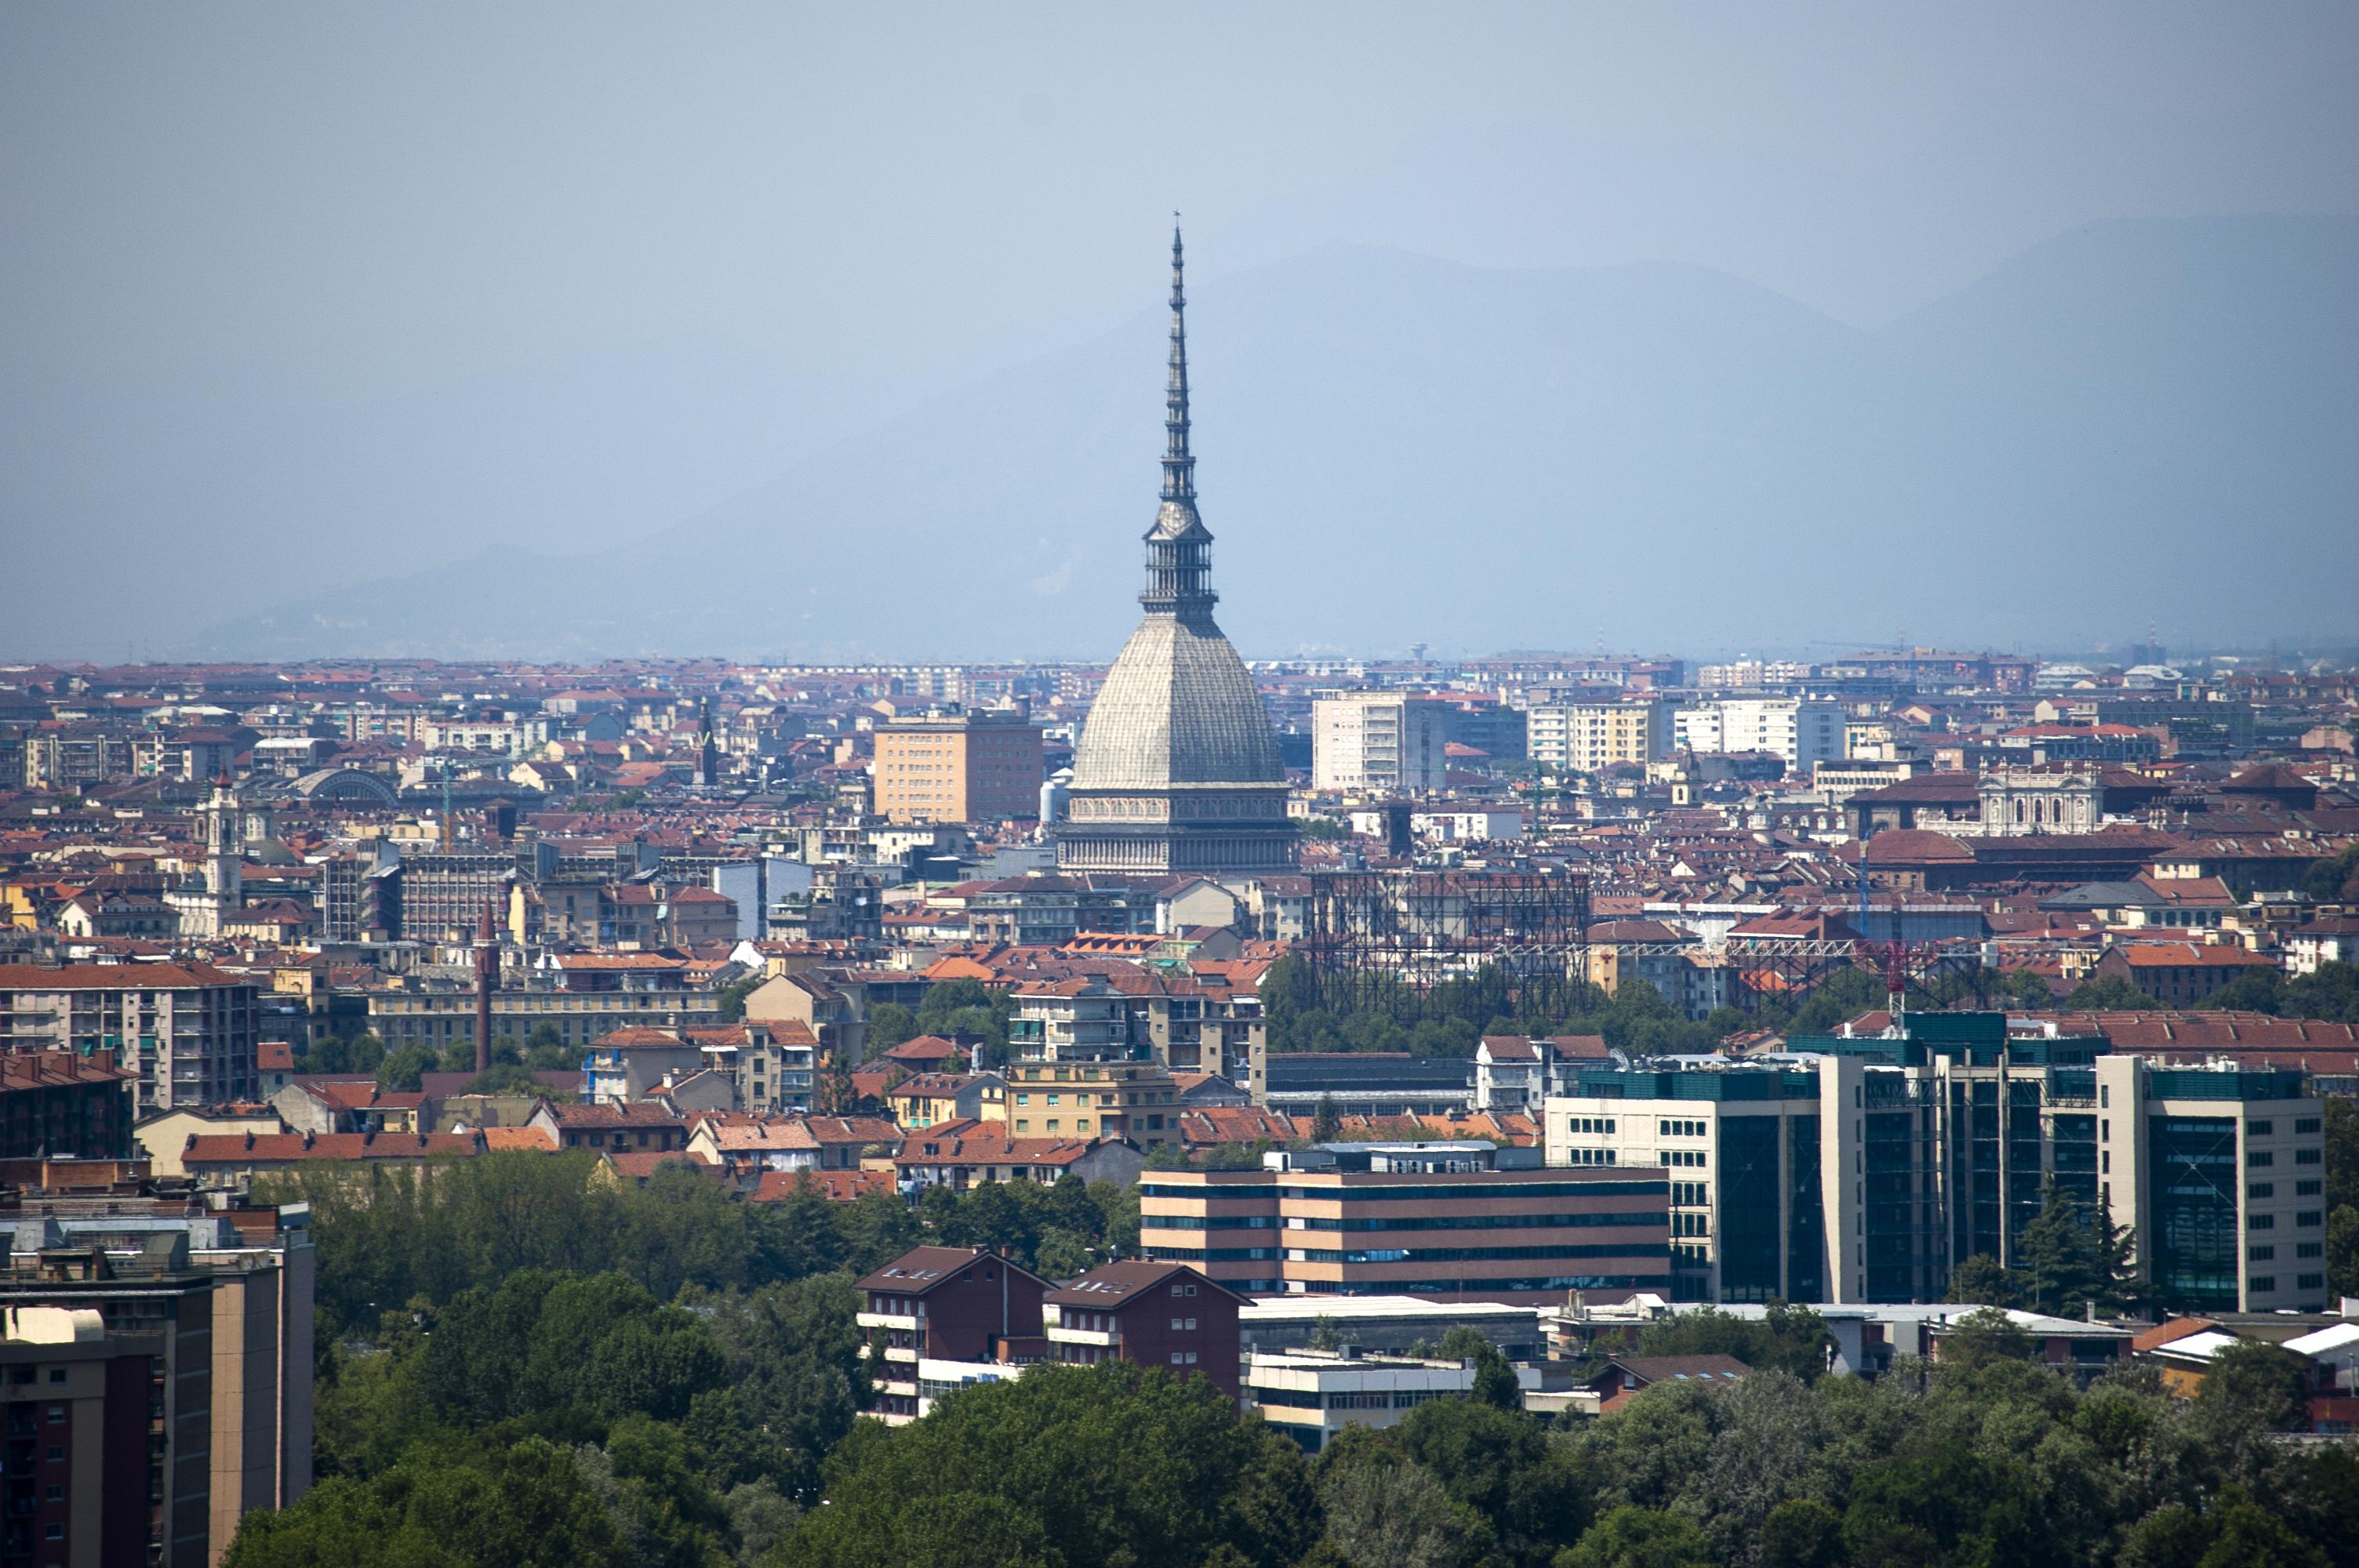 Torino è storia a cielo aperto. Per scoprirla venite con noi!